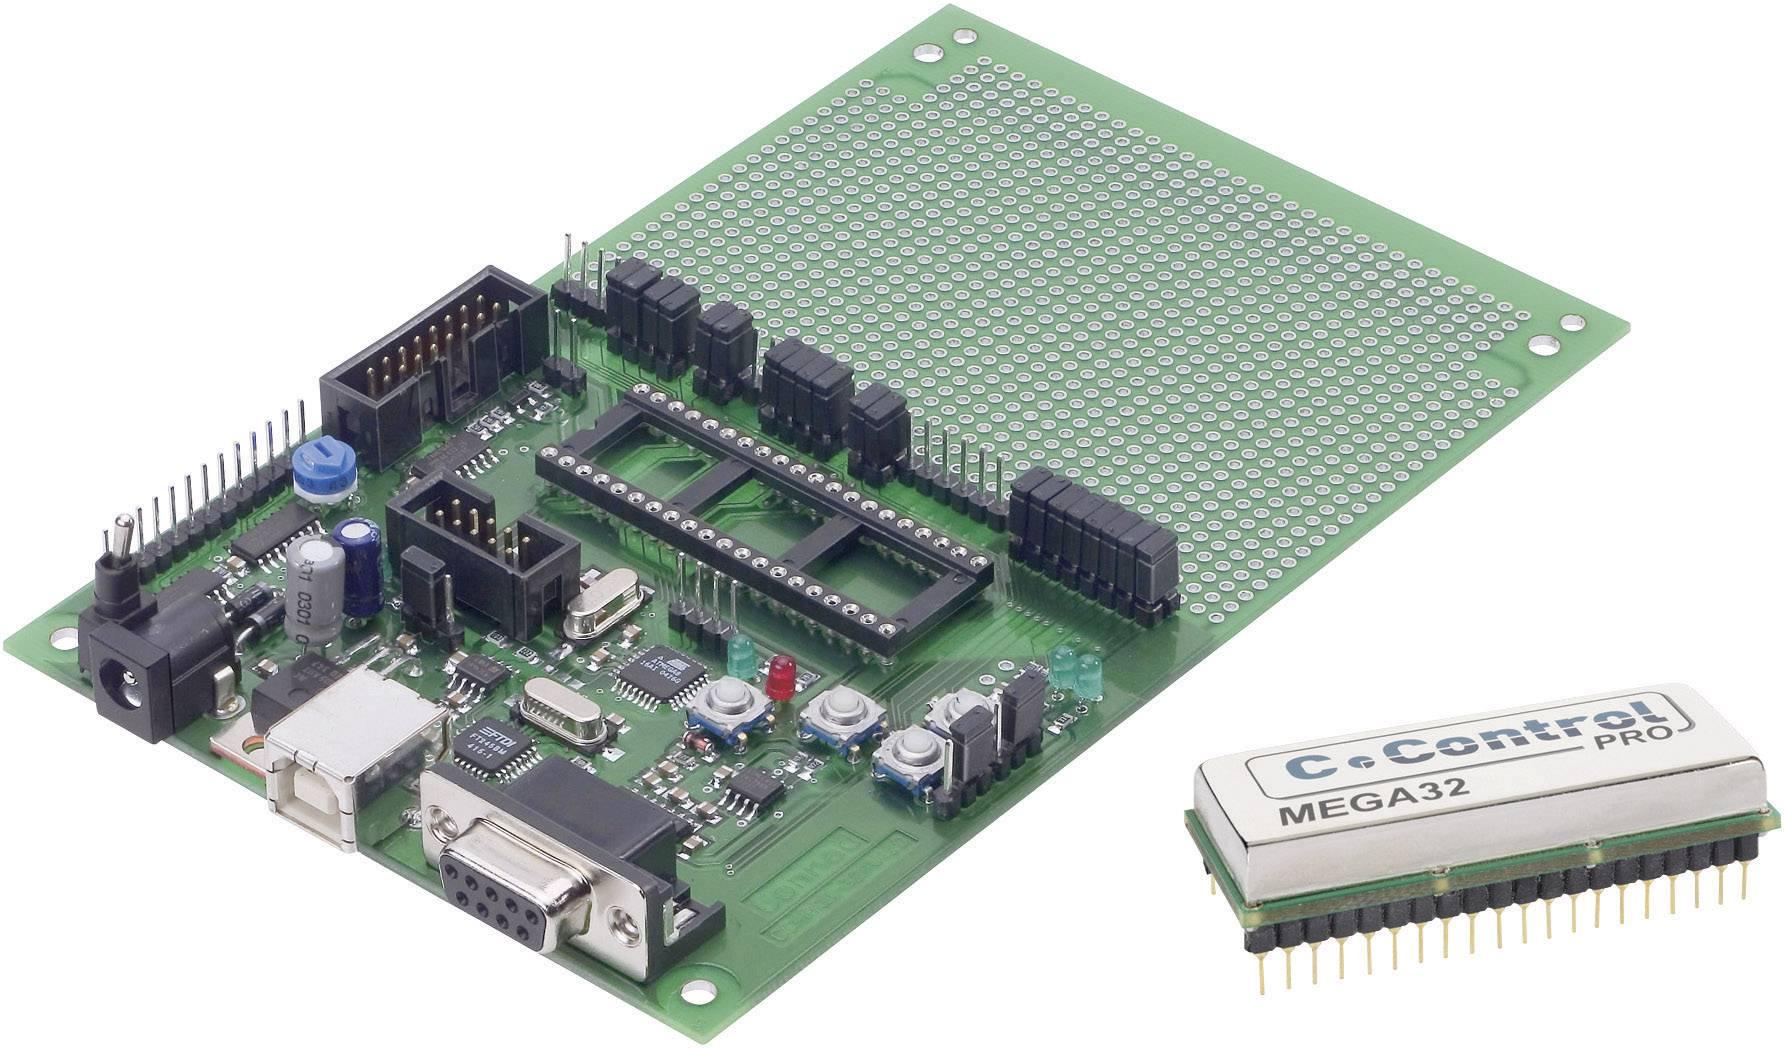 Sada C-Control PRO Mega 32, 198583